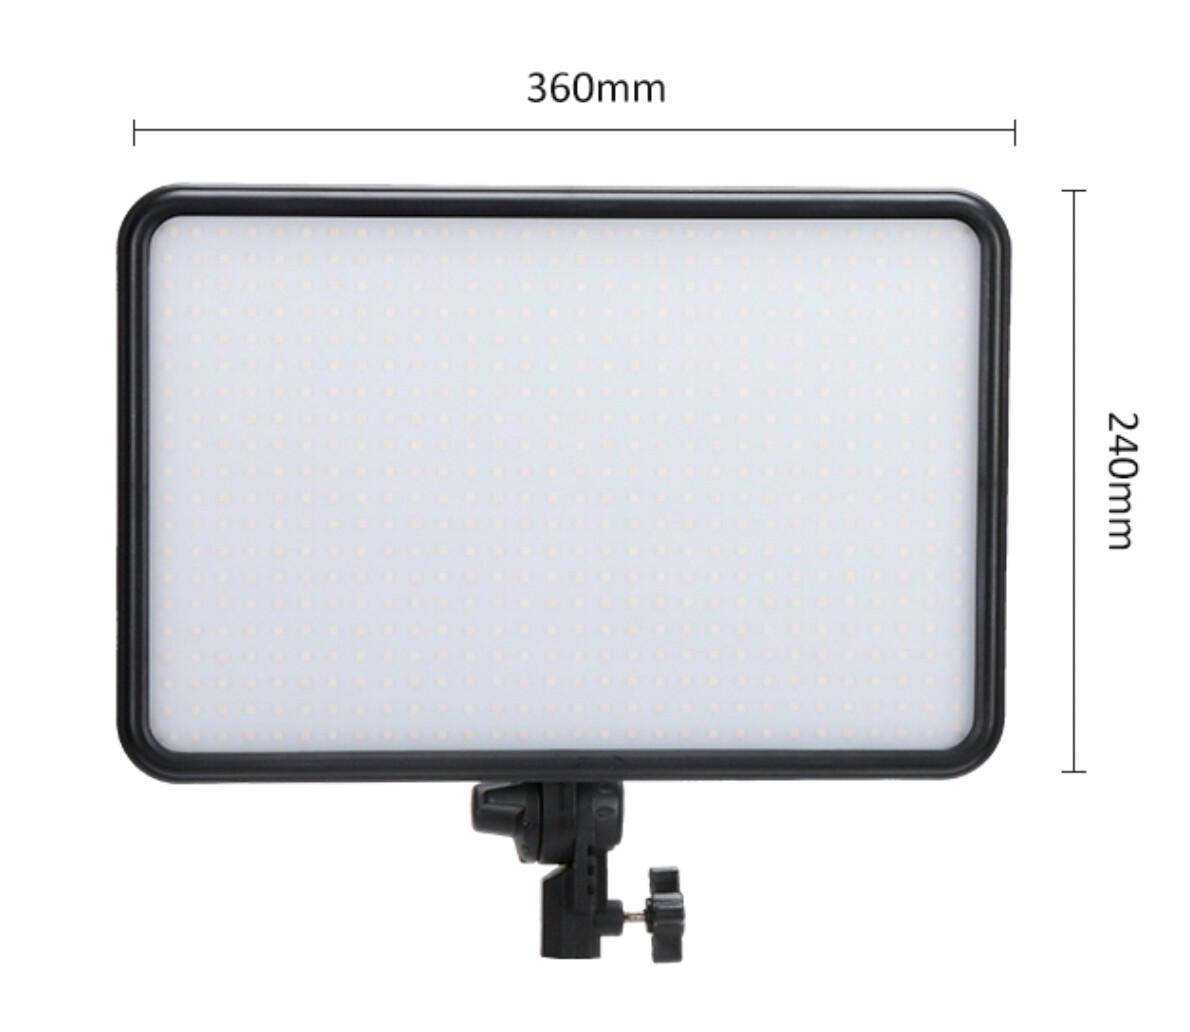 Tolifo PT-F60B Slim Bi Color Led Light